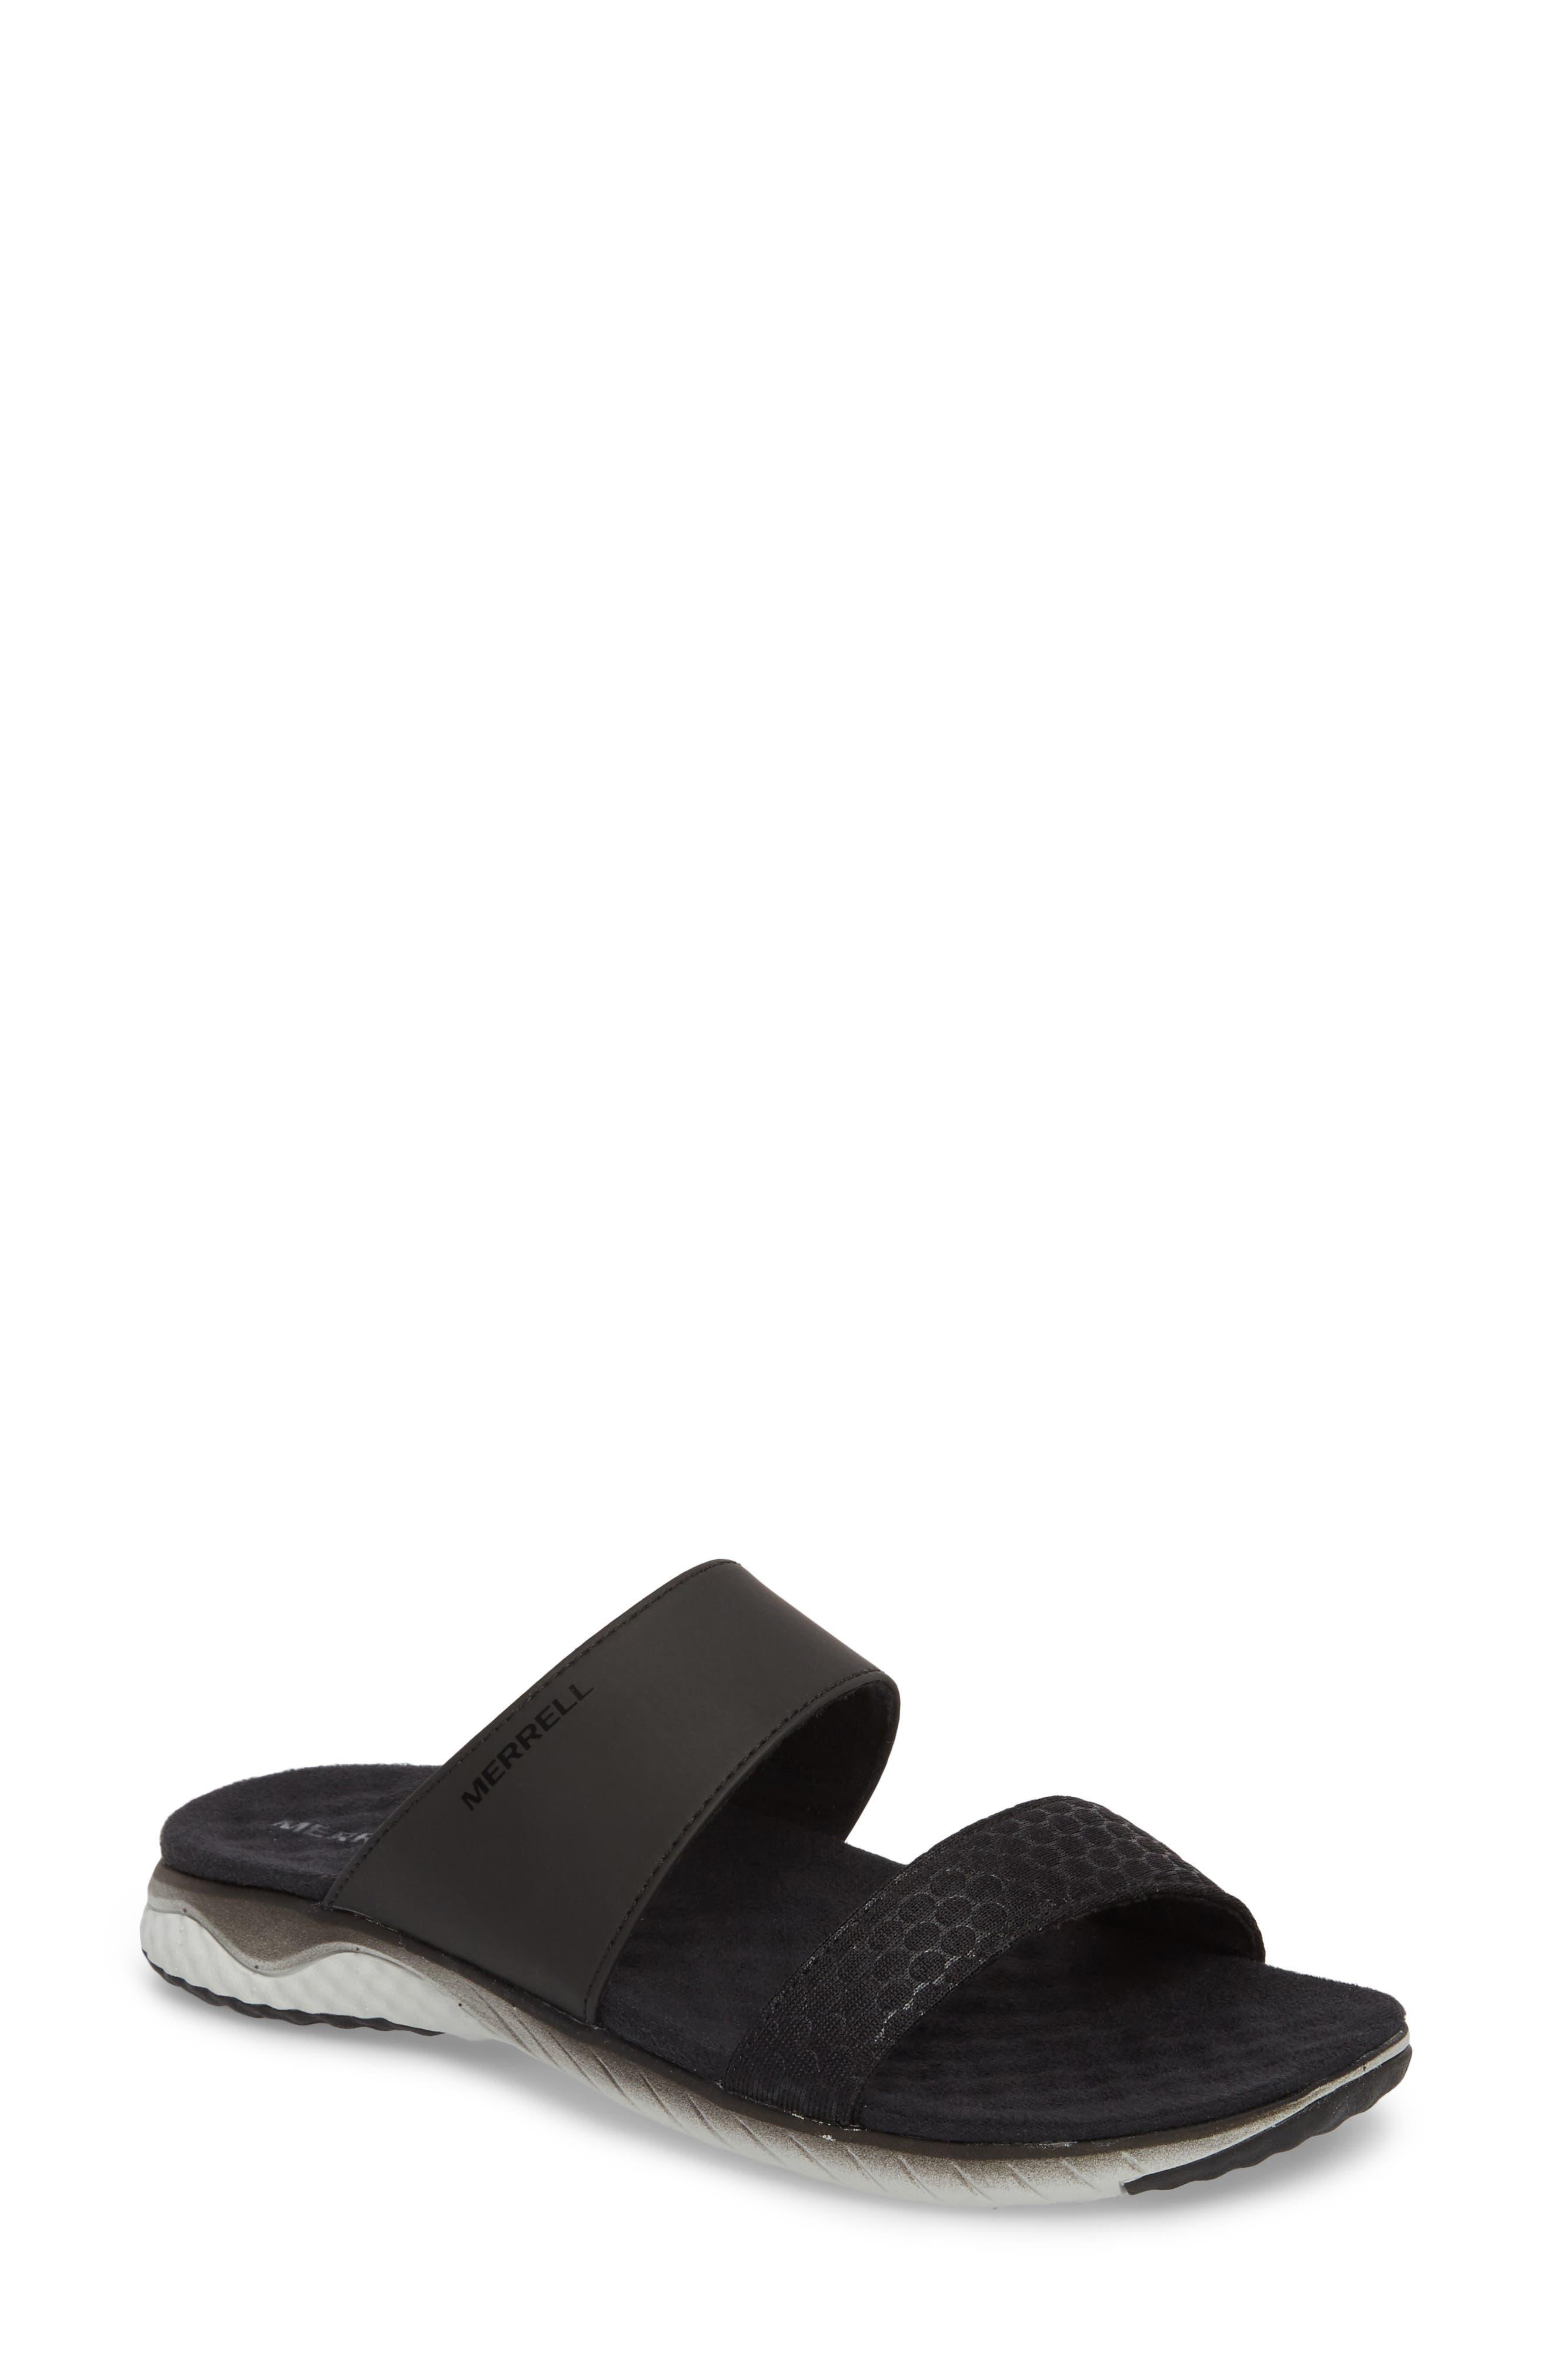 1SIX8 Linna Air Cushion+ Slide Sandal,                             Main thumbnail 1, color,